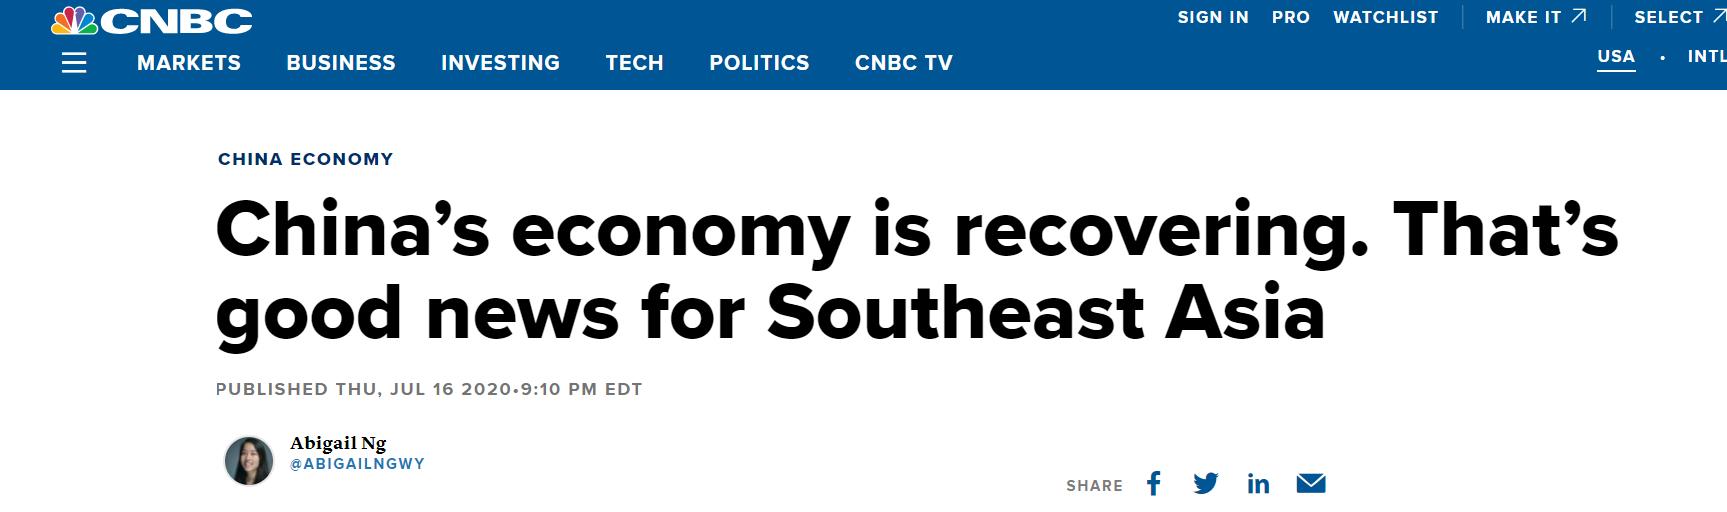 """第二季度GDP同比增长3.2% 中国经济率""""转正""""先拉动全球复苏"""